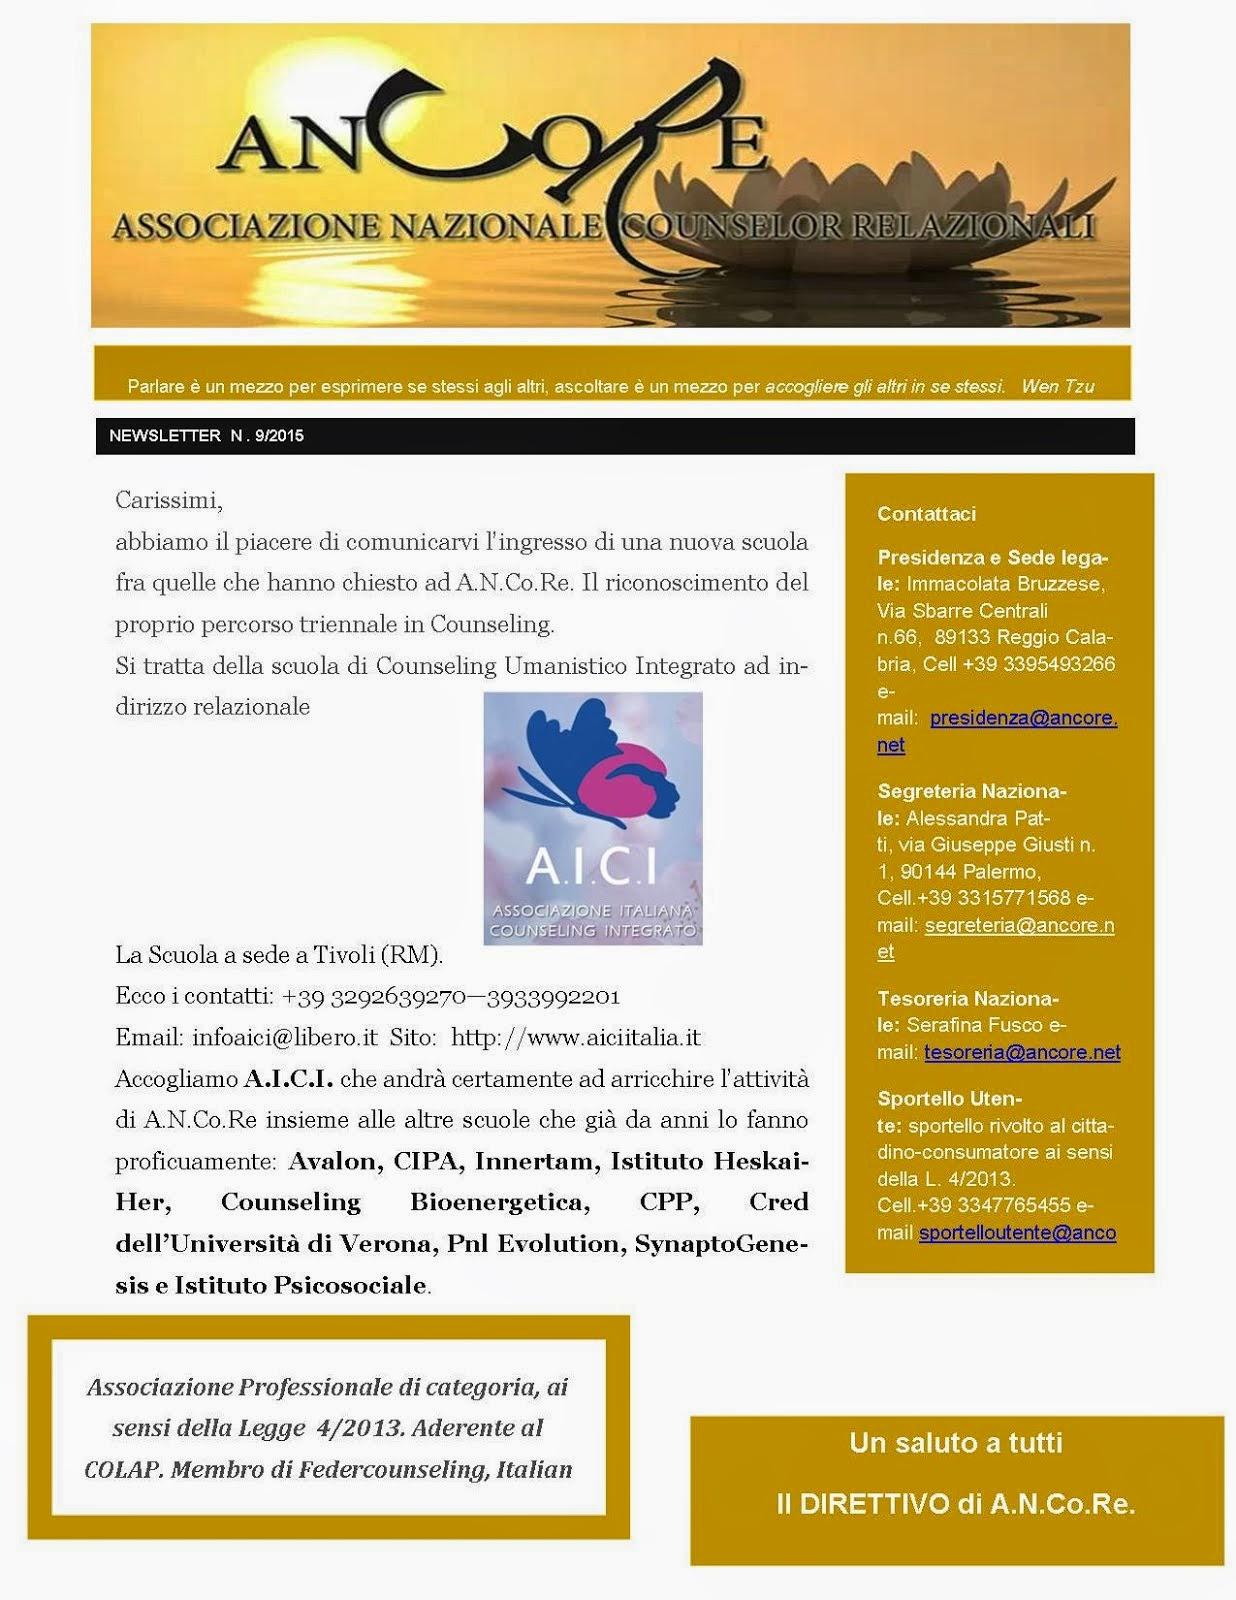 A.I.C.I. - Scuola di Counseling Integrato ad Indirizzo Relazionale